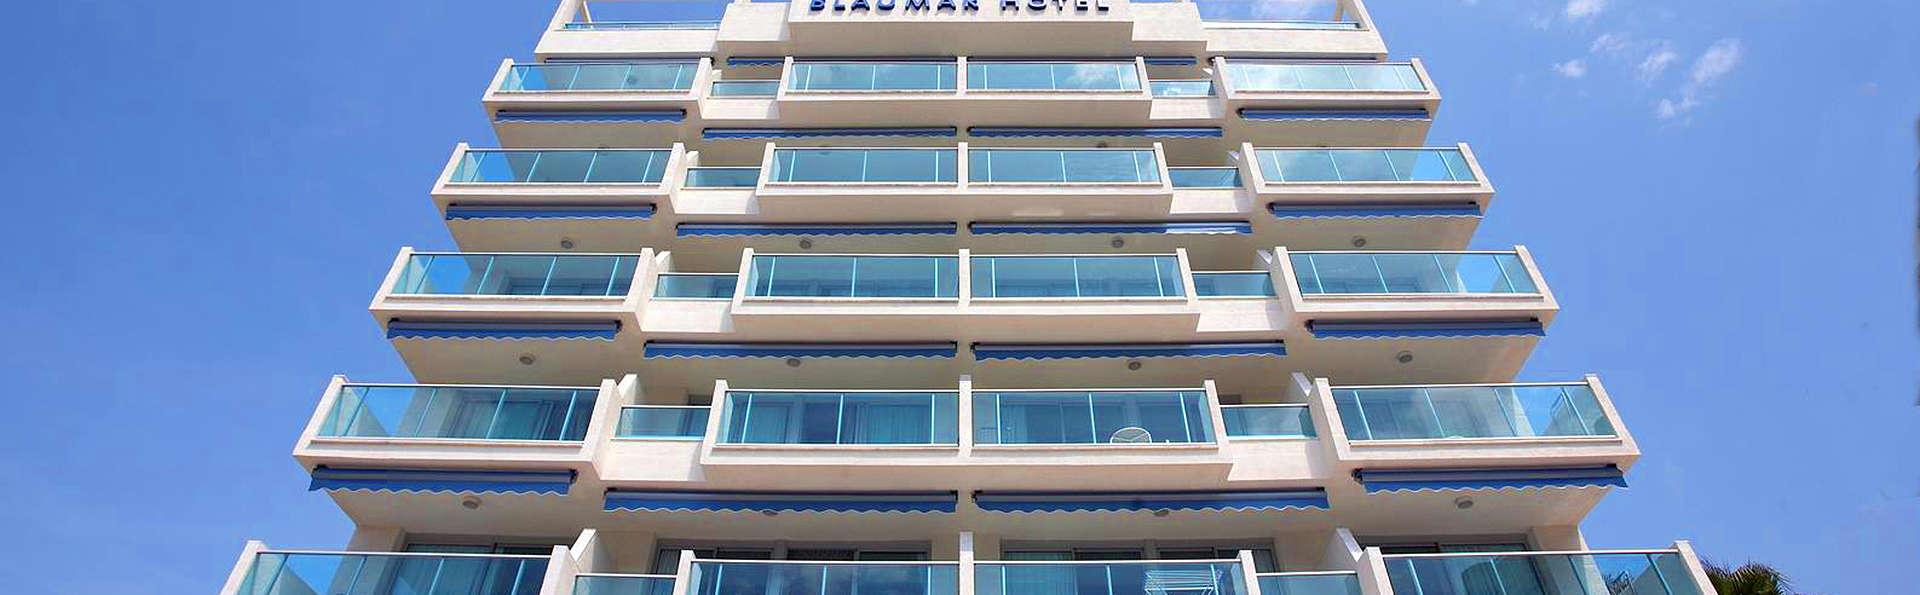 Blaumar Hotel - EDIT_Exterior.jpg